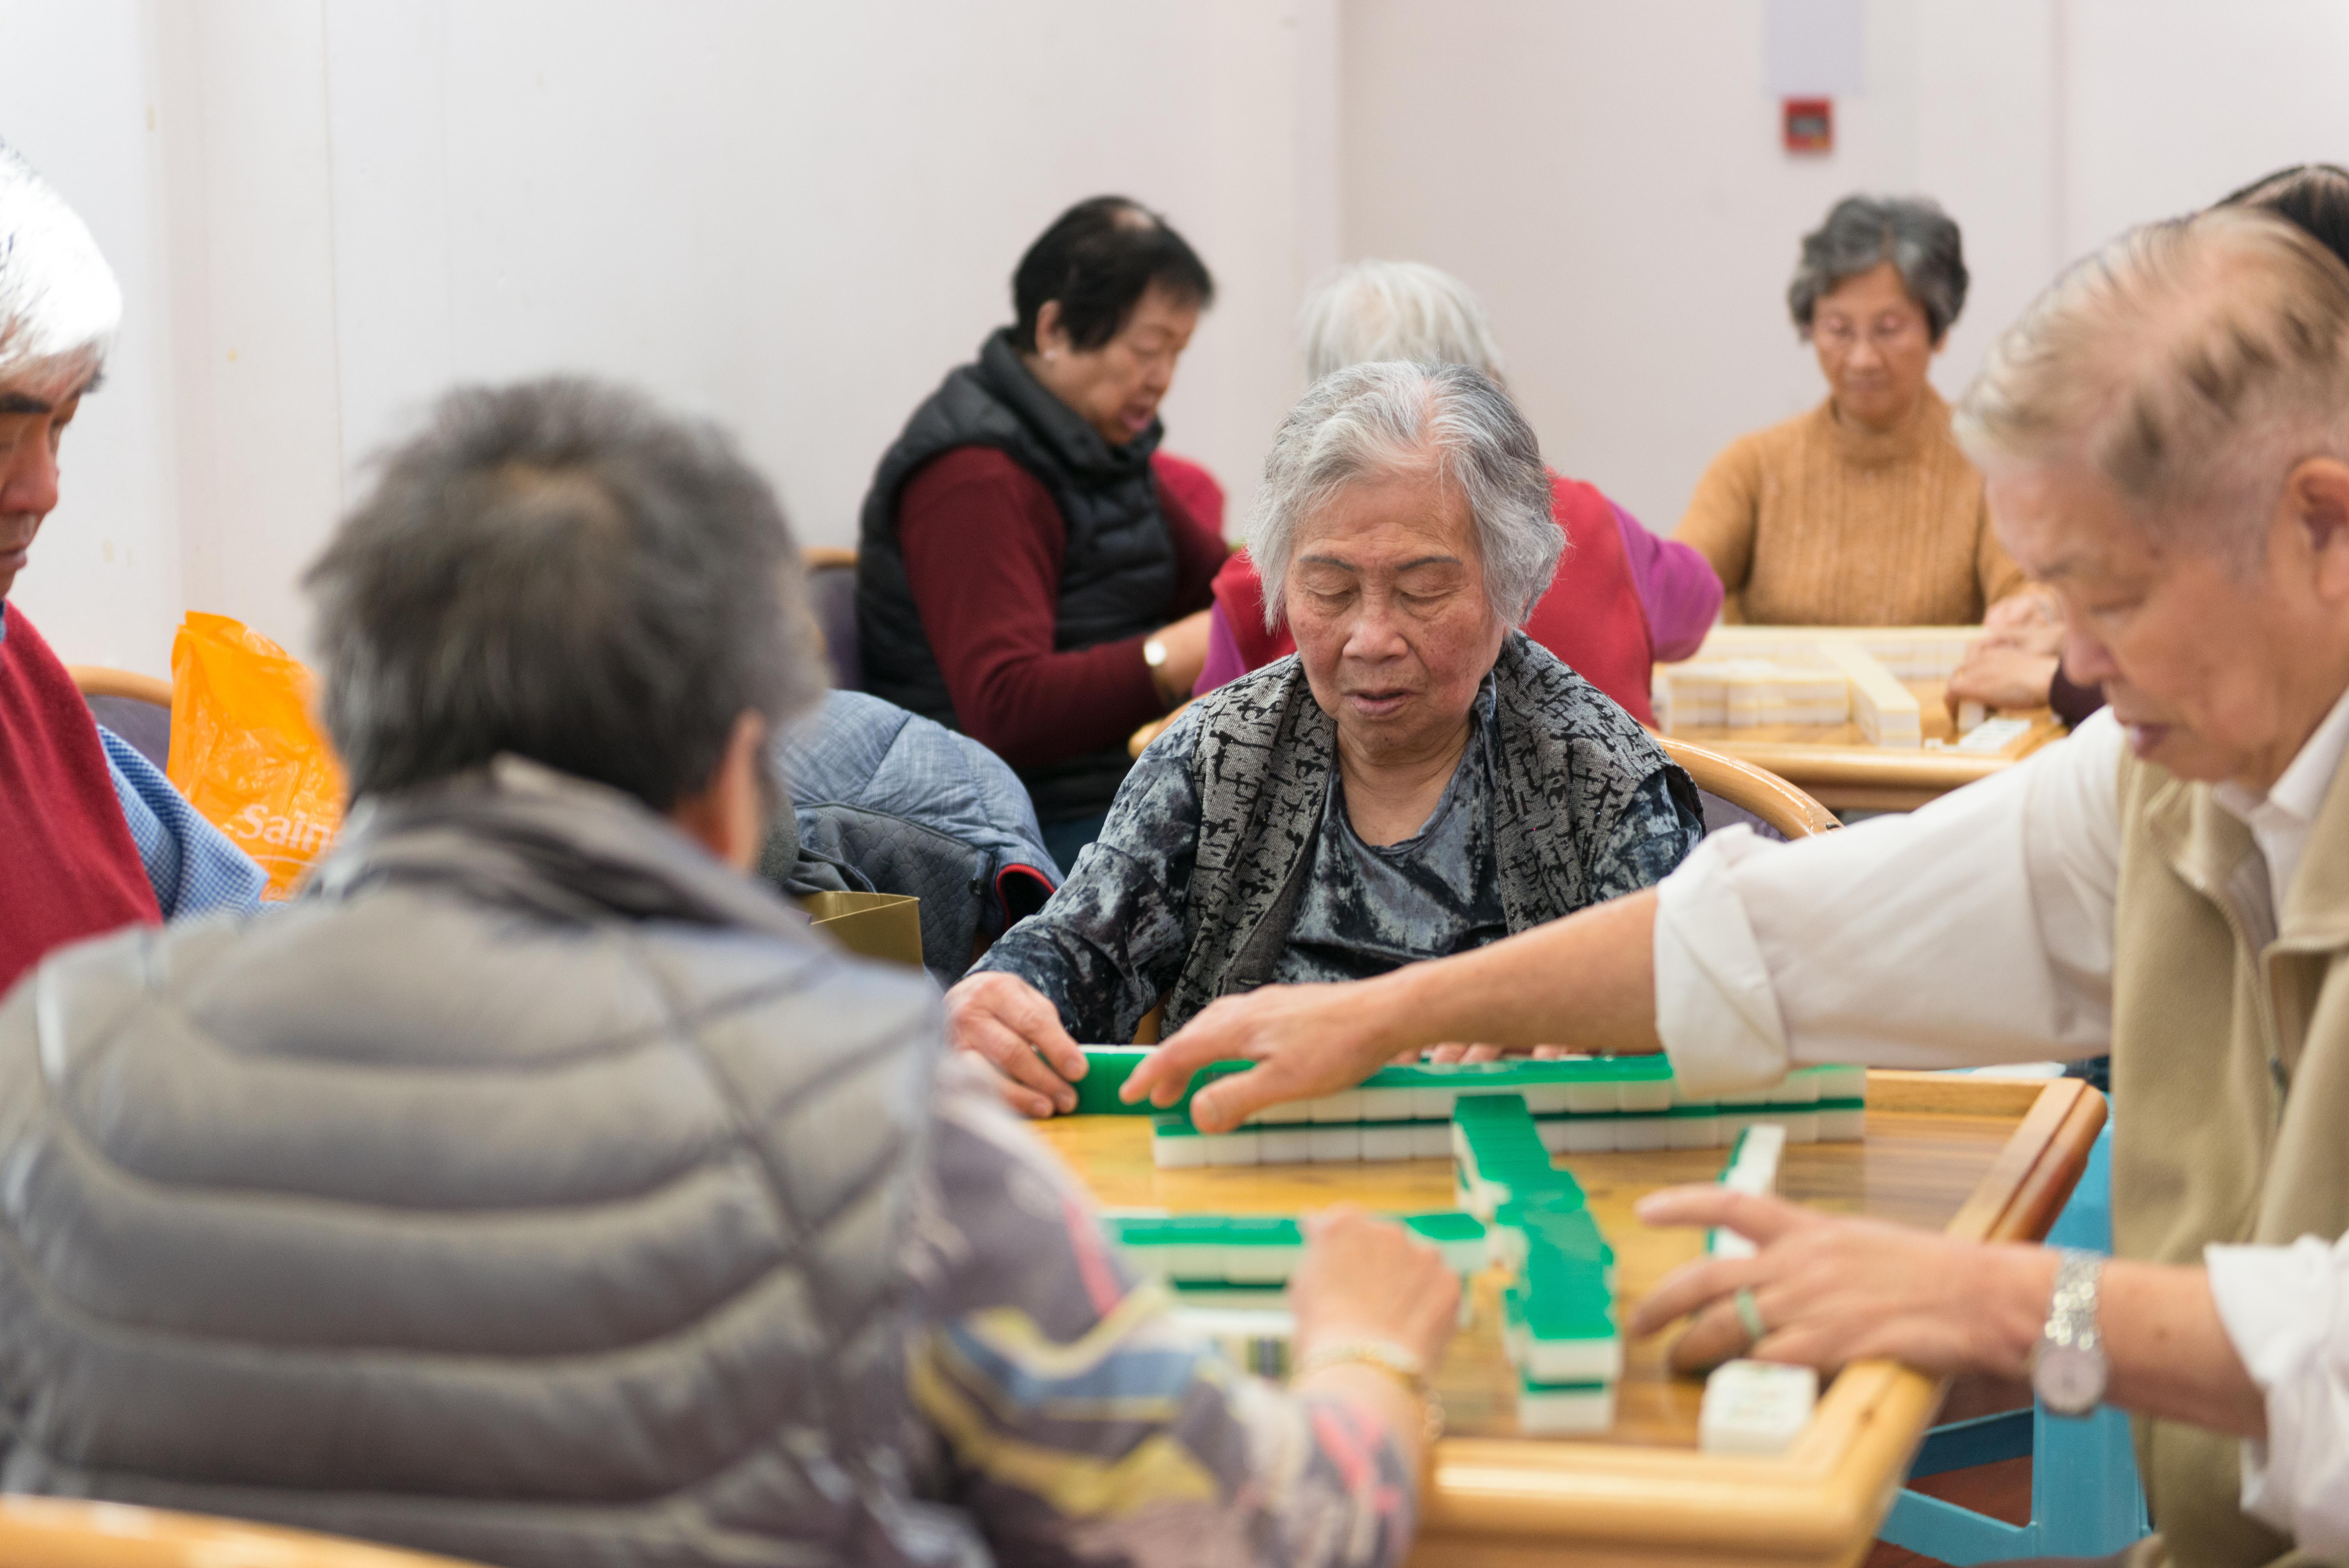 Elderly people playing mahjong